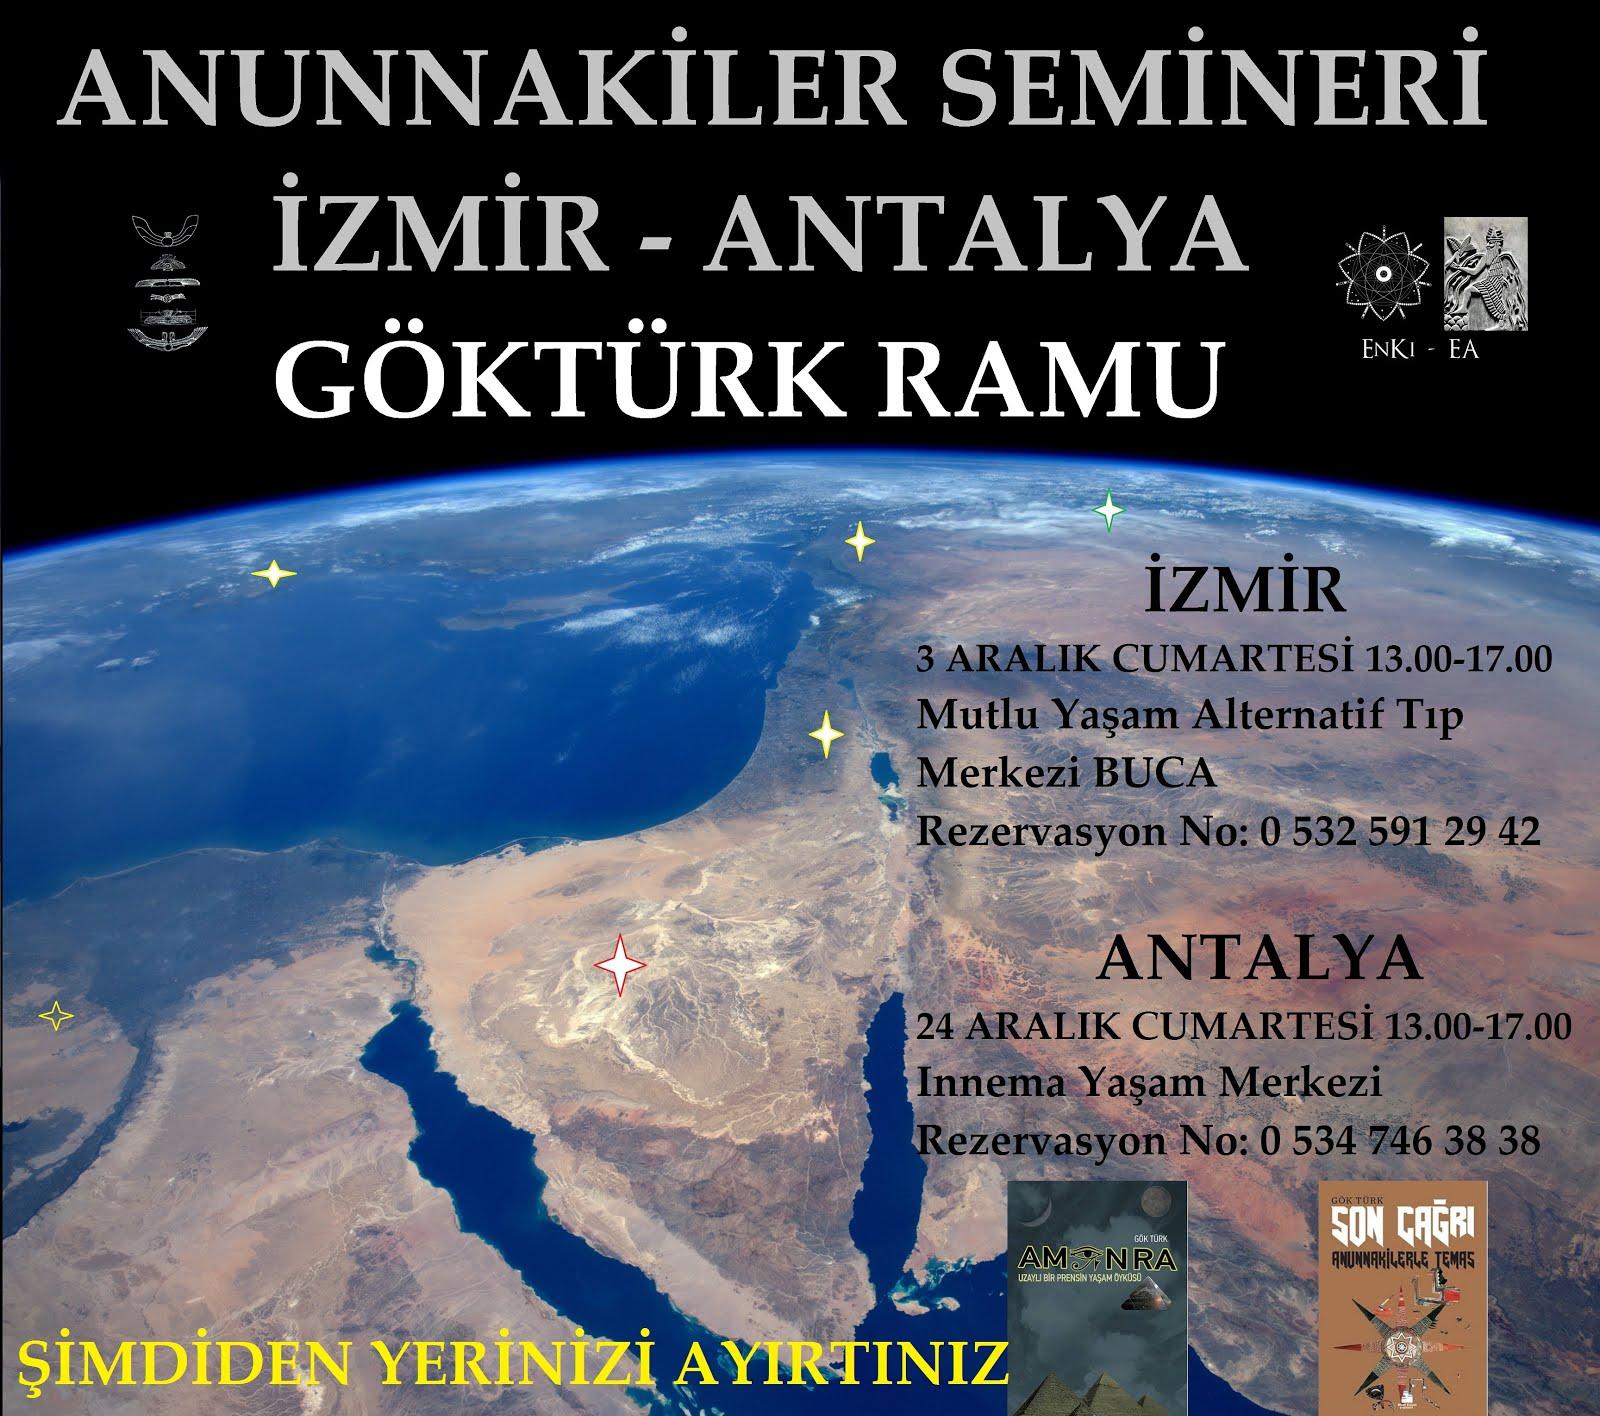 3 Aralıkta İzmirde, 24 Aralıkta Antalyadayız